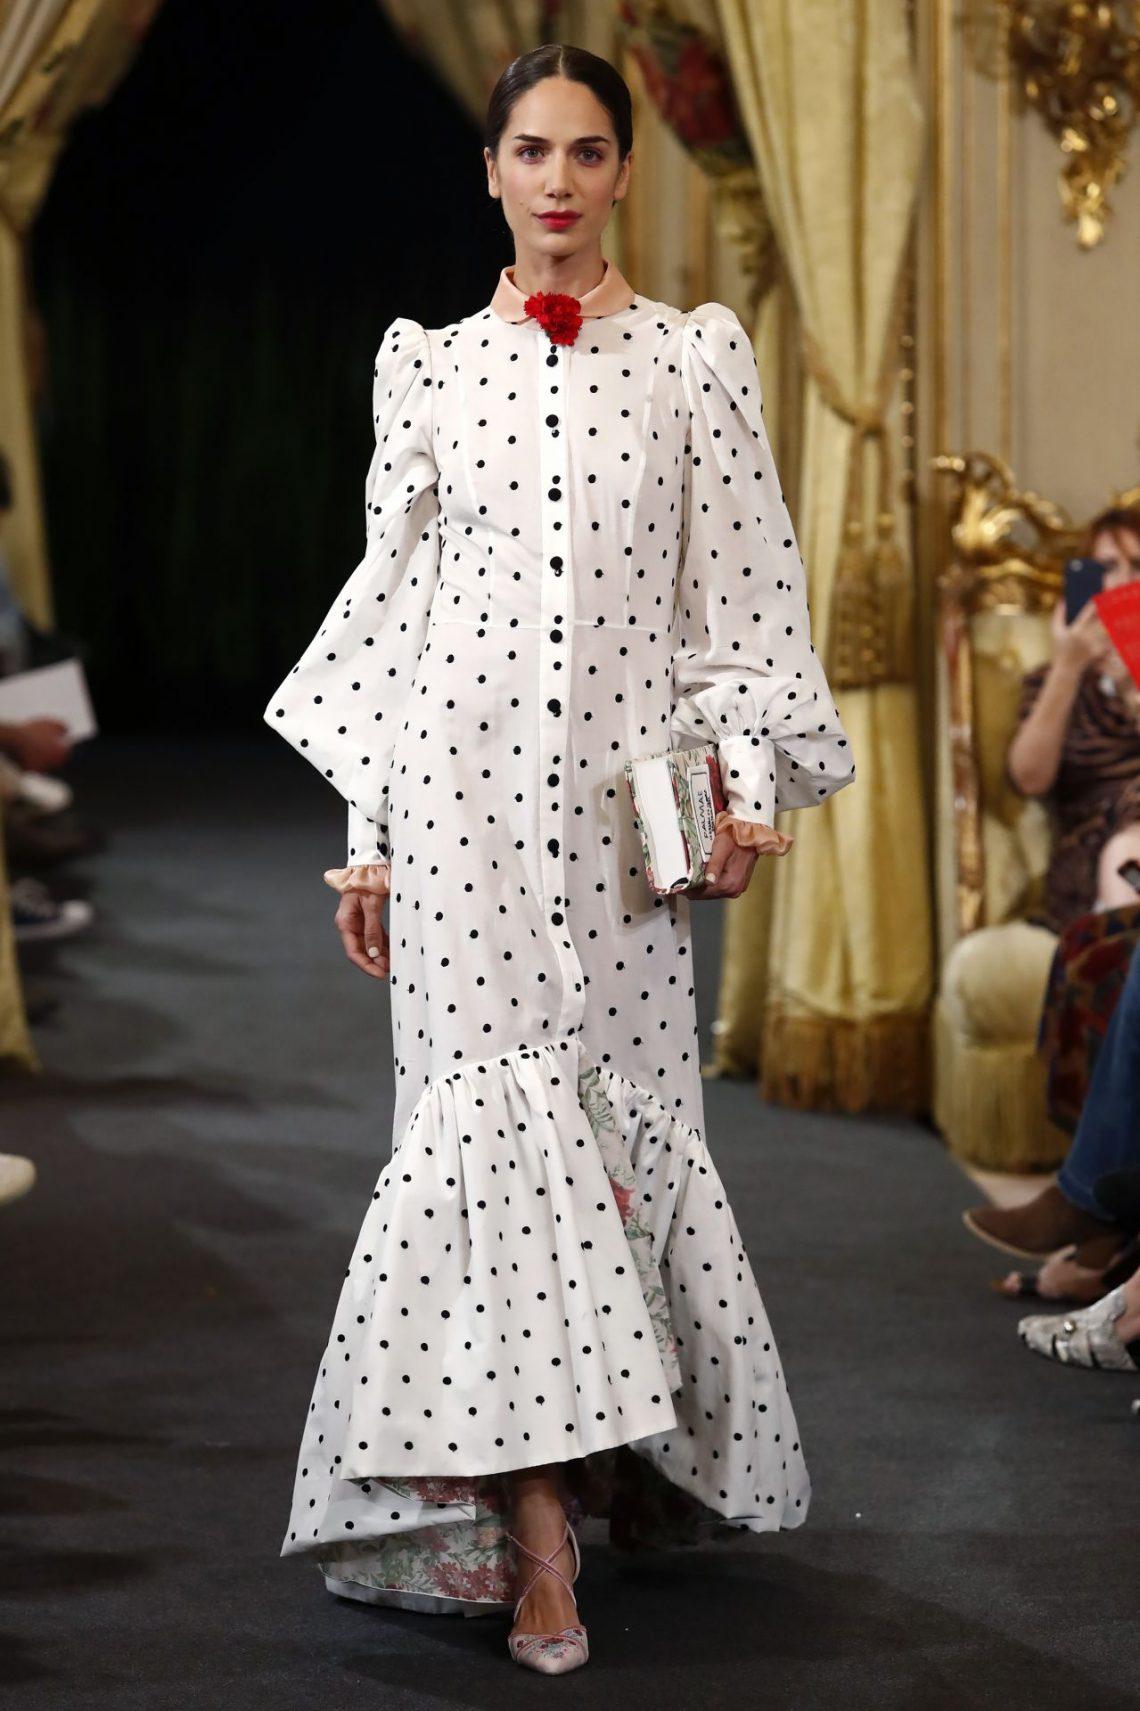 El vestido de lunares de Cristina Piña por el que todo el mundo suspirará (y el resto de la colección no se queda atrás)